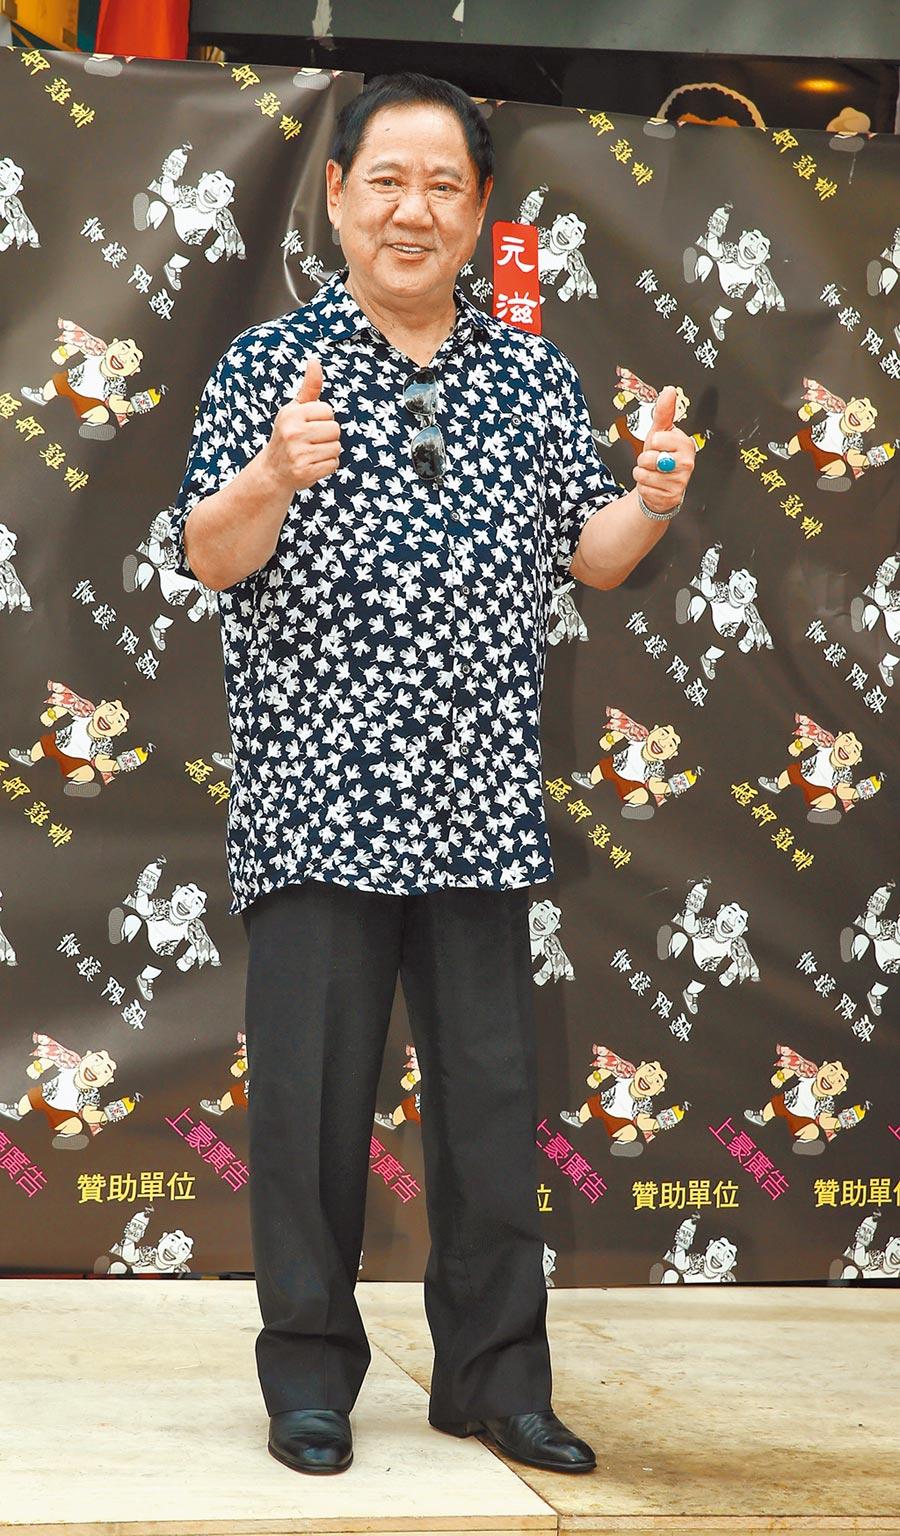 馬如龍曾表示唯有死掉那天才是他的退休日。(資料照)